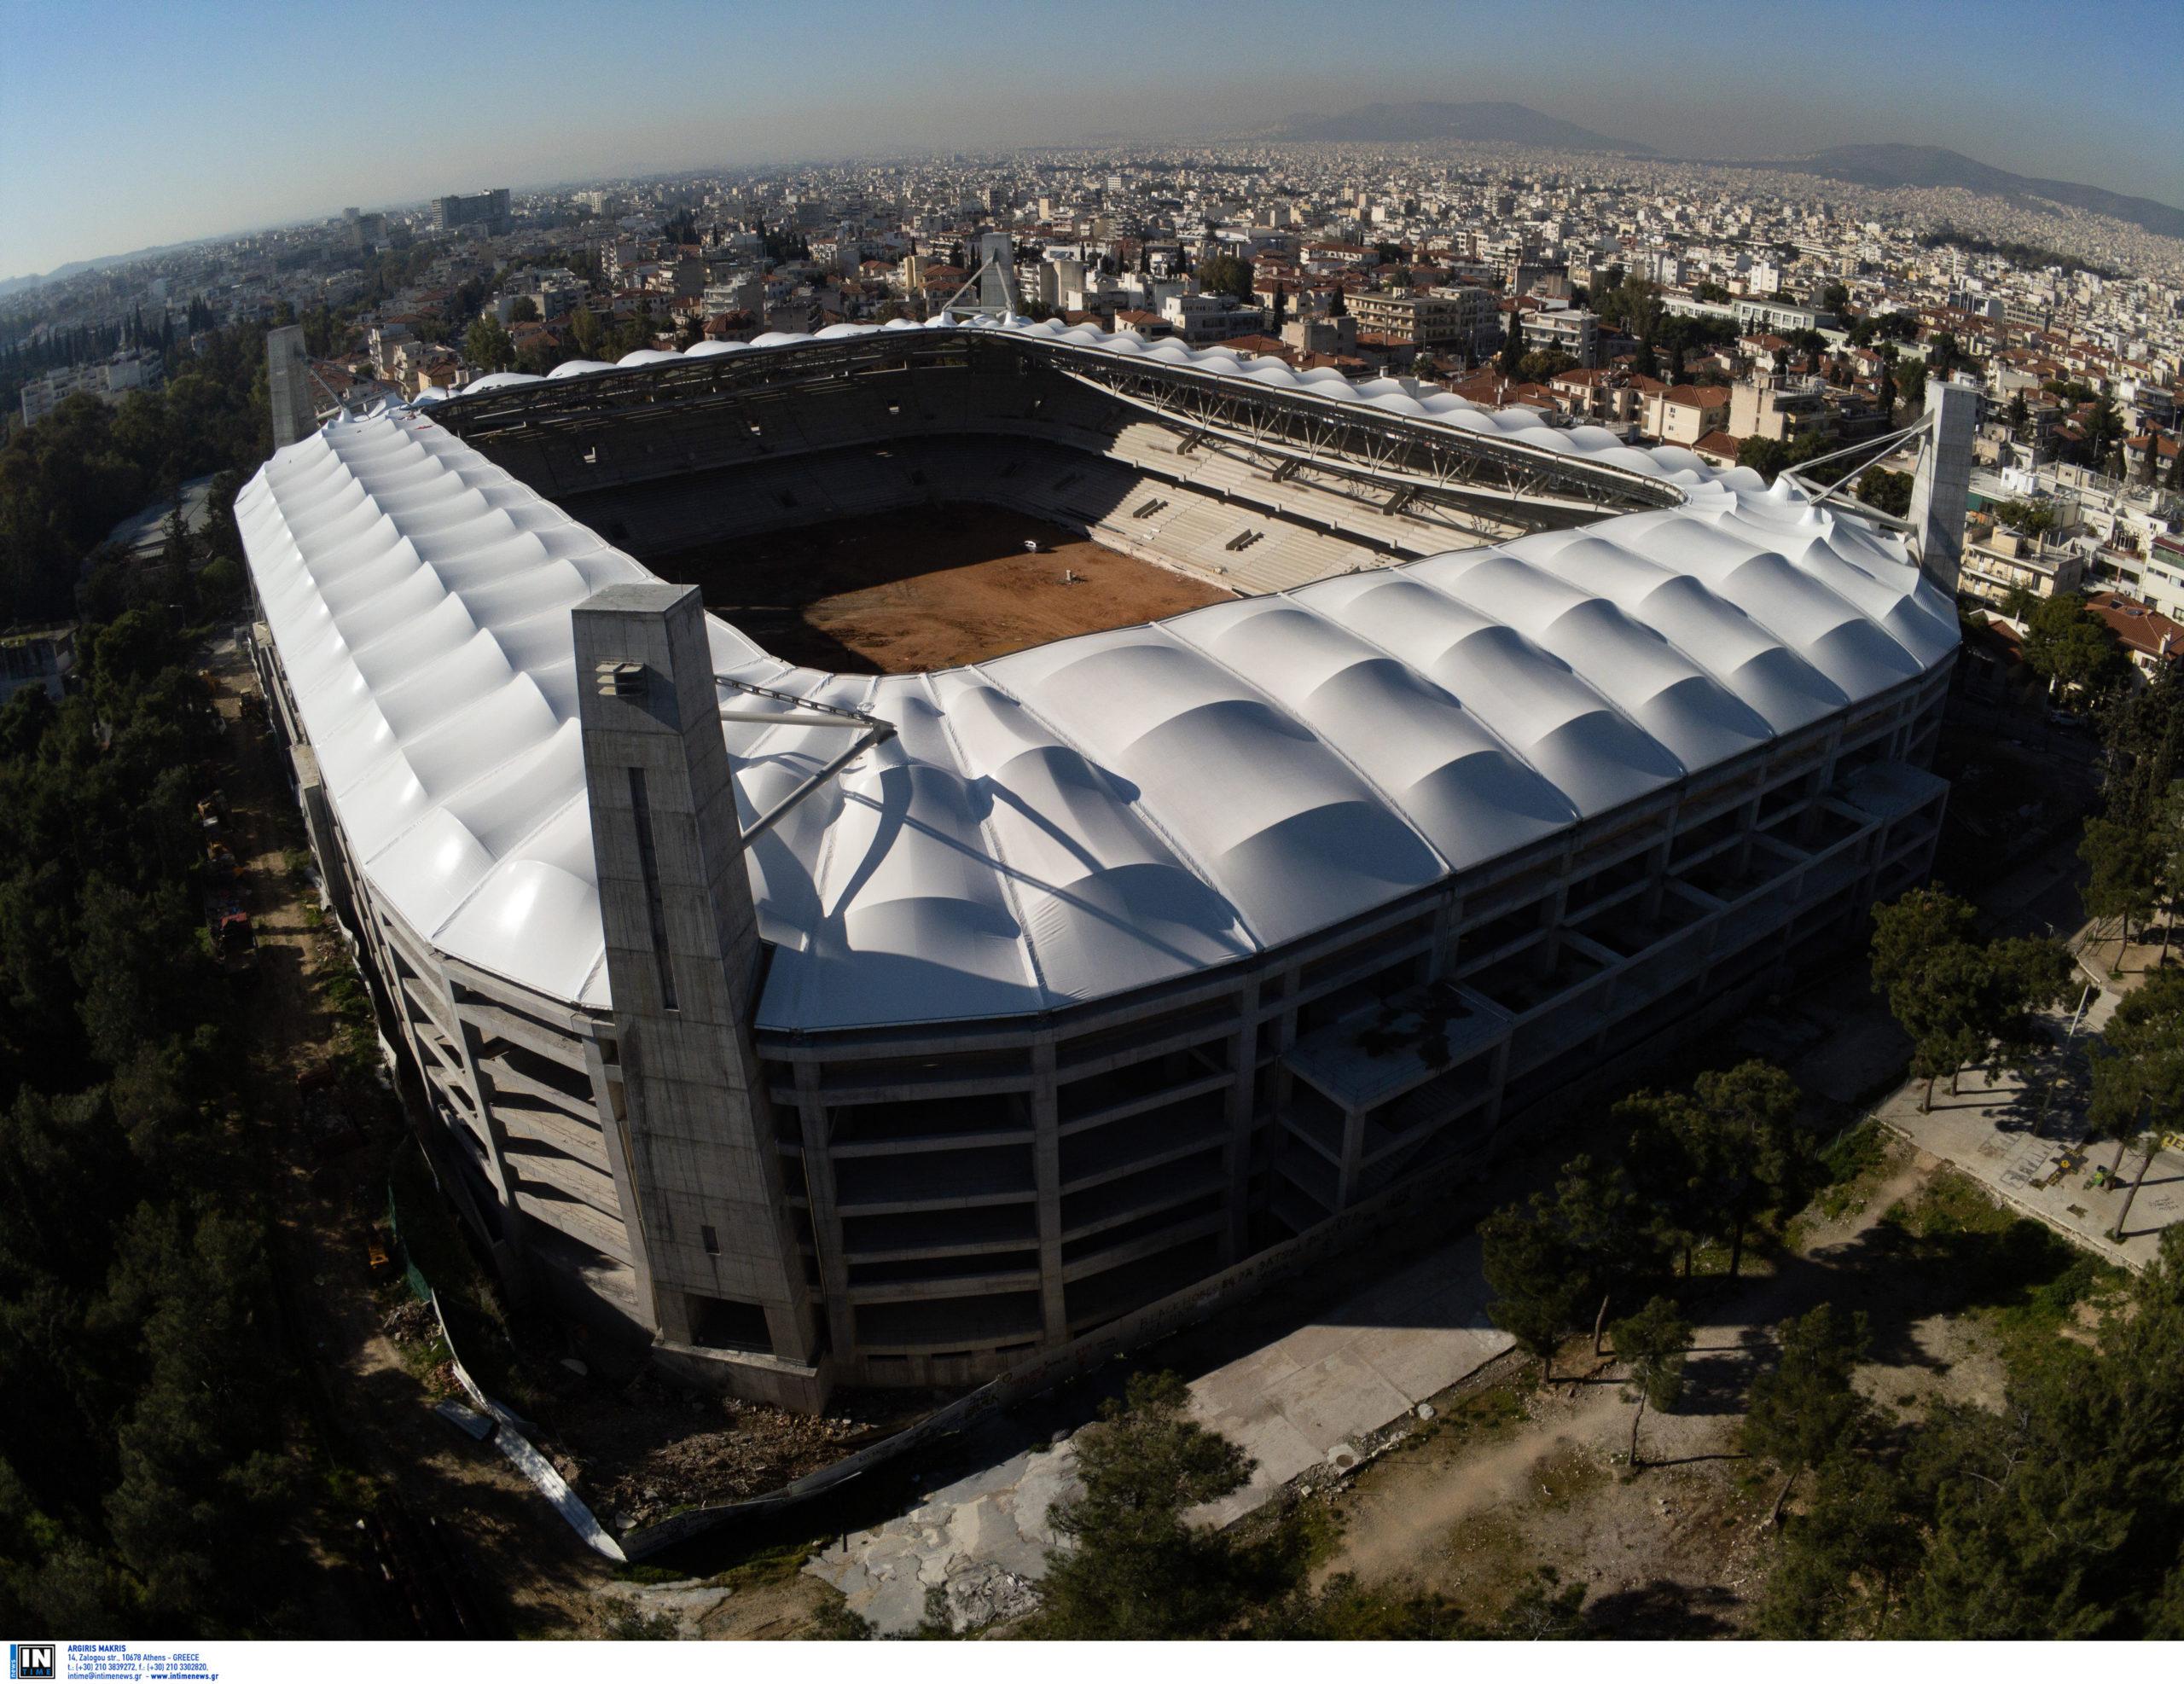 """Γήπεδο ΑΕΚ: Πανοραμική εικόνα από την """"Αγιά Σοφιά"""" και το άλσος στη Νέα Φιλαδέλφια (pic)"""